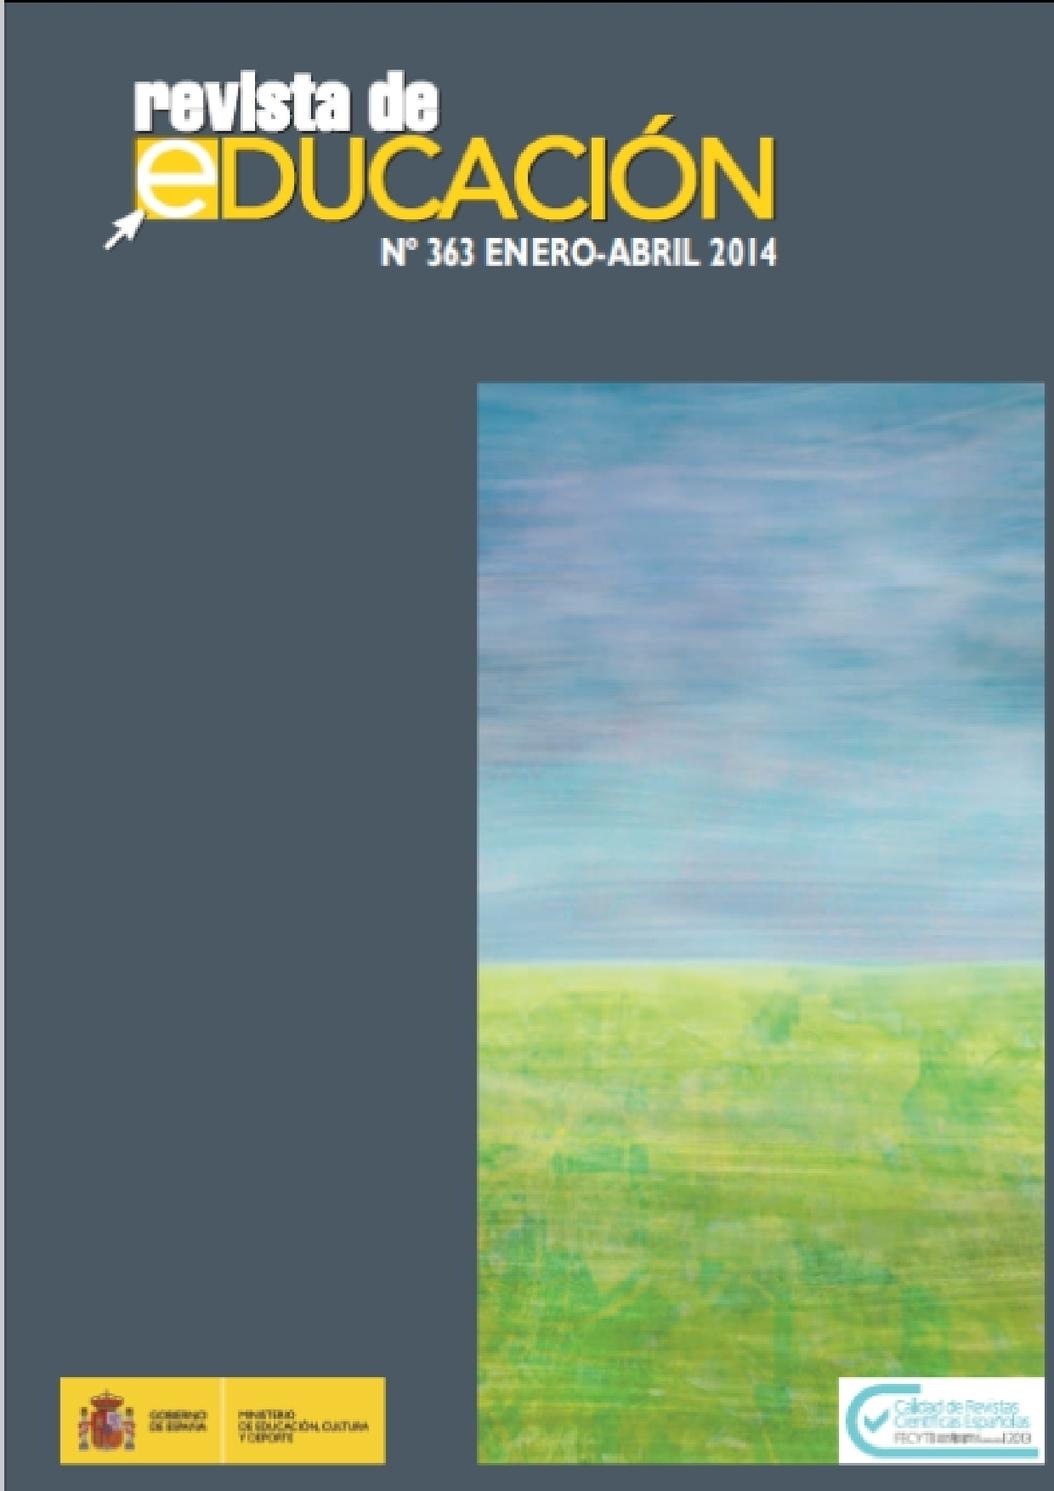 e-learning, conocimiento en red: La revista de #educacion se nos hace bilingue. Nº 363